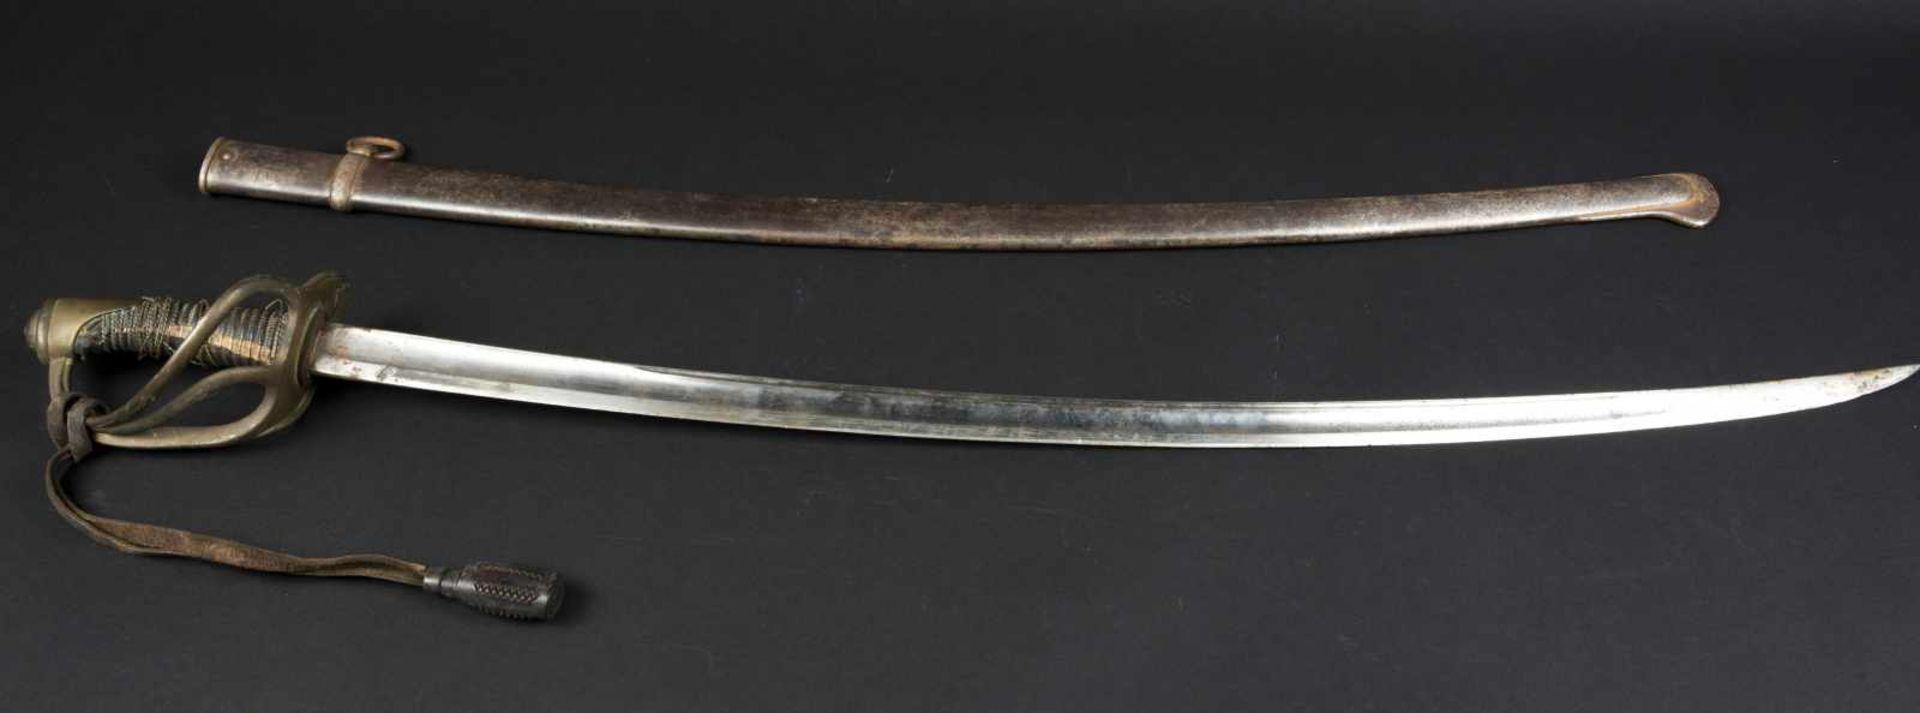 Sabre de cavalerie légère troupe modèle 1822 filigrane de monture en mauvais état, belle lame de